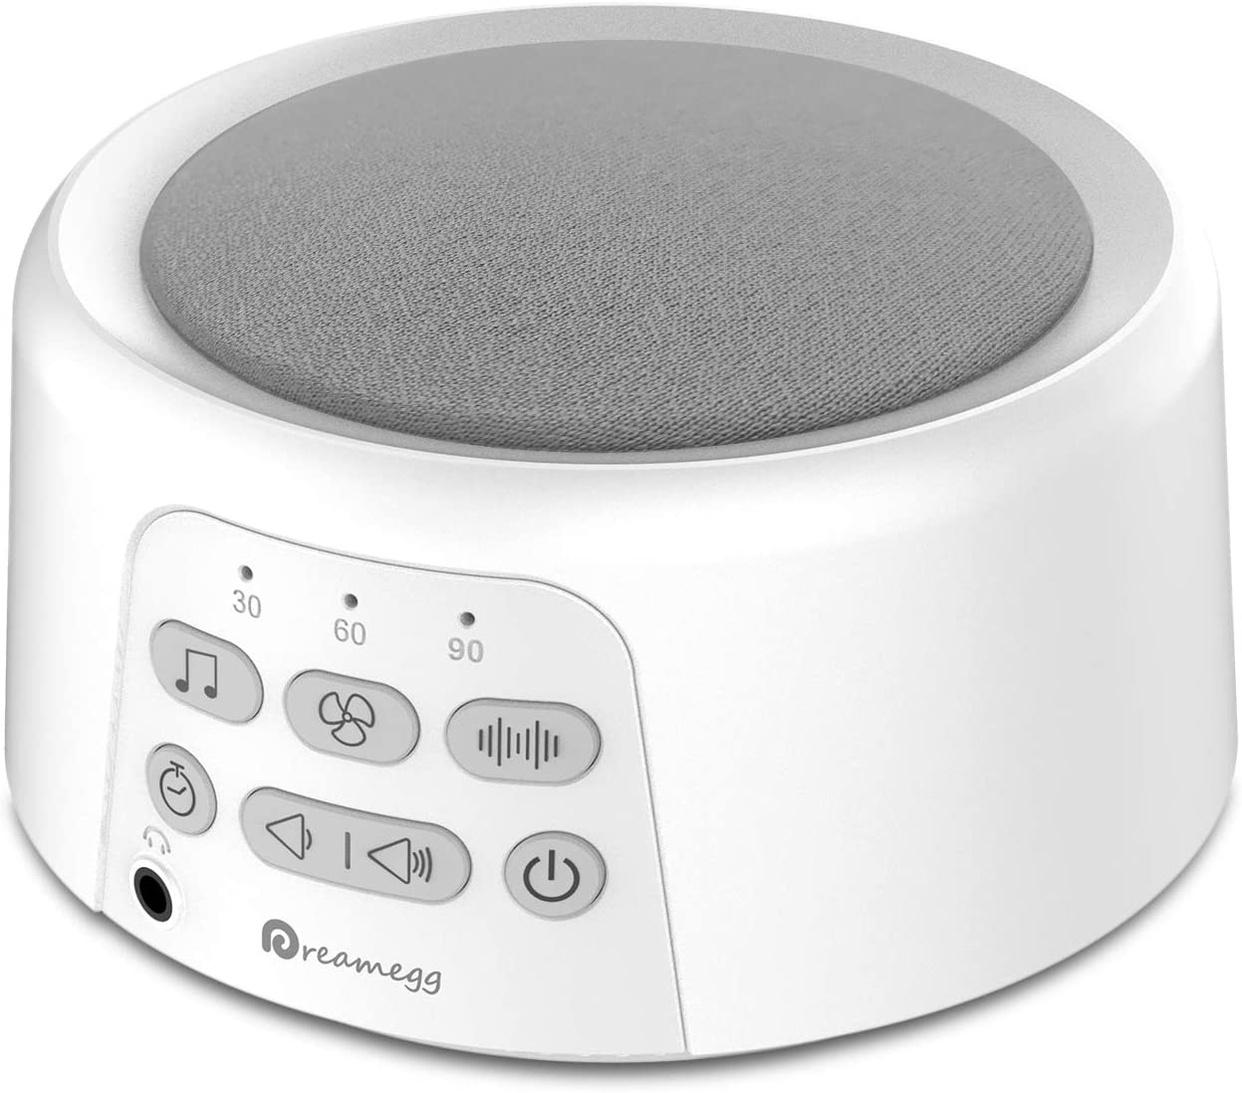 Dreamegg(ドリームエッグ) ホワイトノイズマシンの商品画像